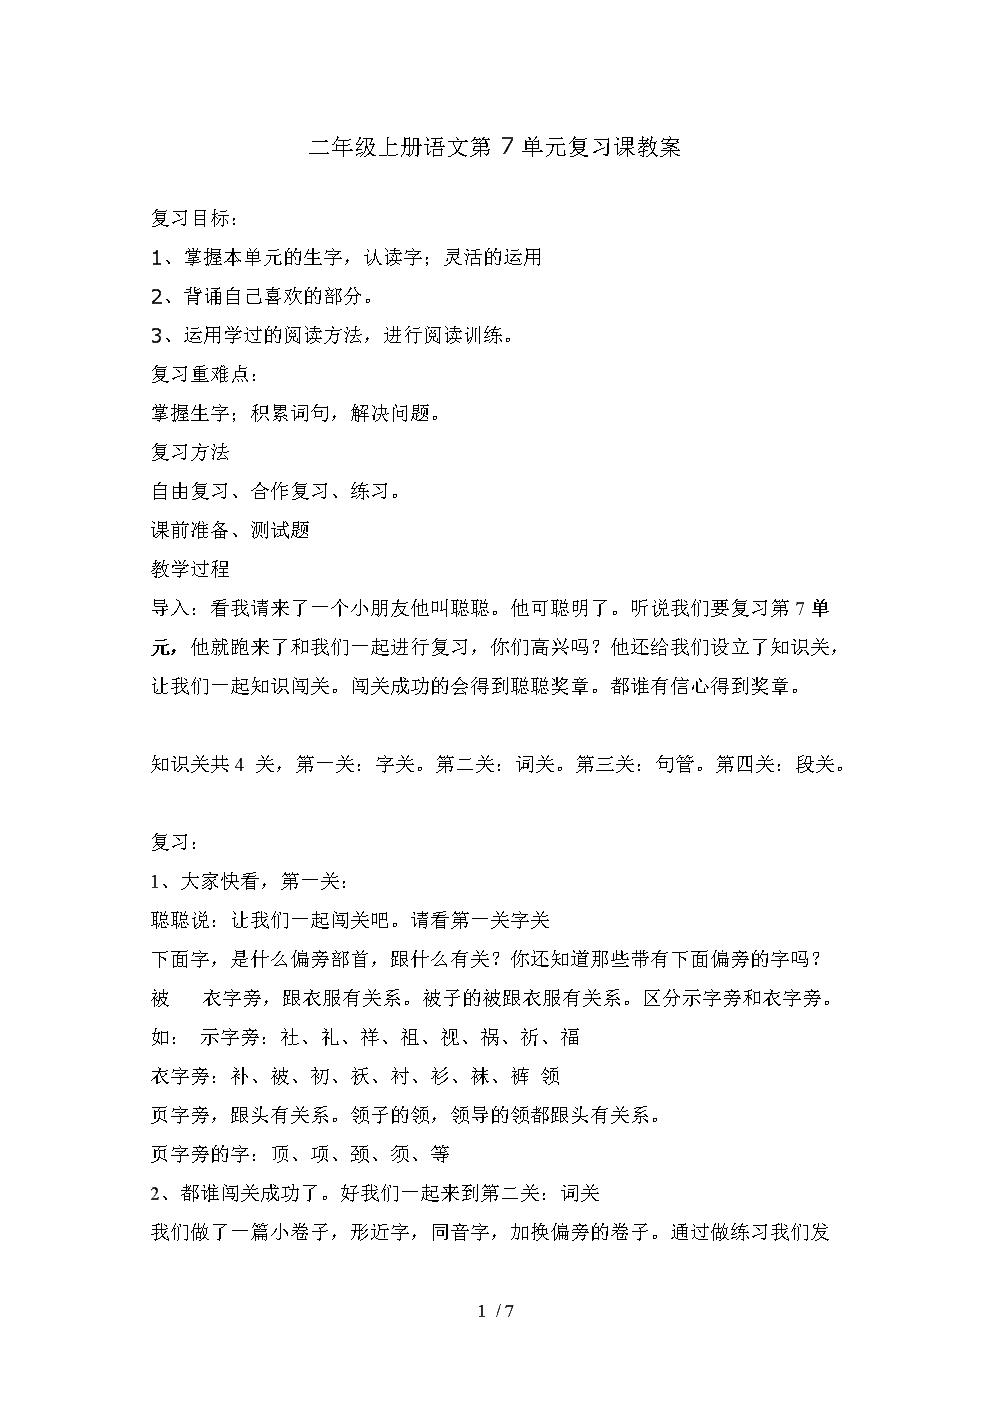 二年级上册语文第7单元复习课教案.doc